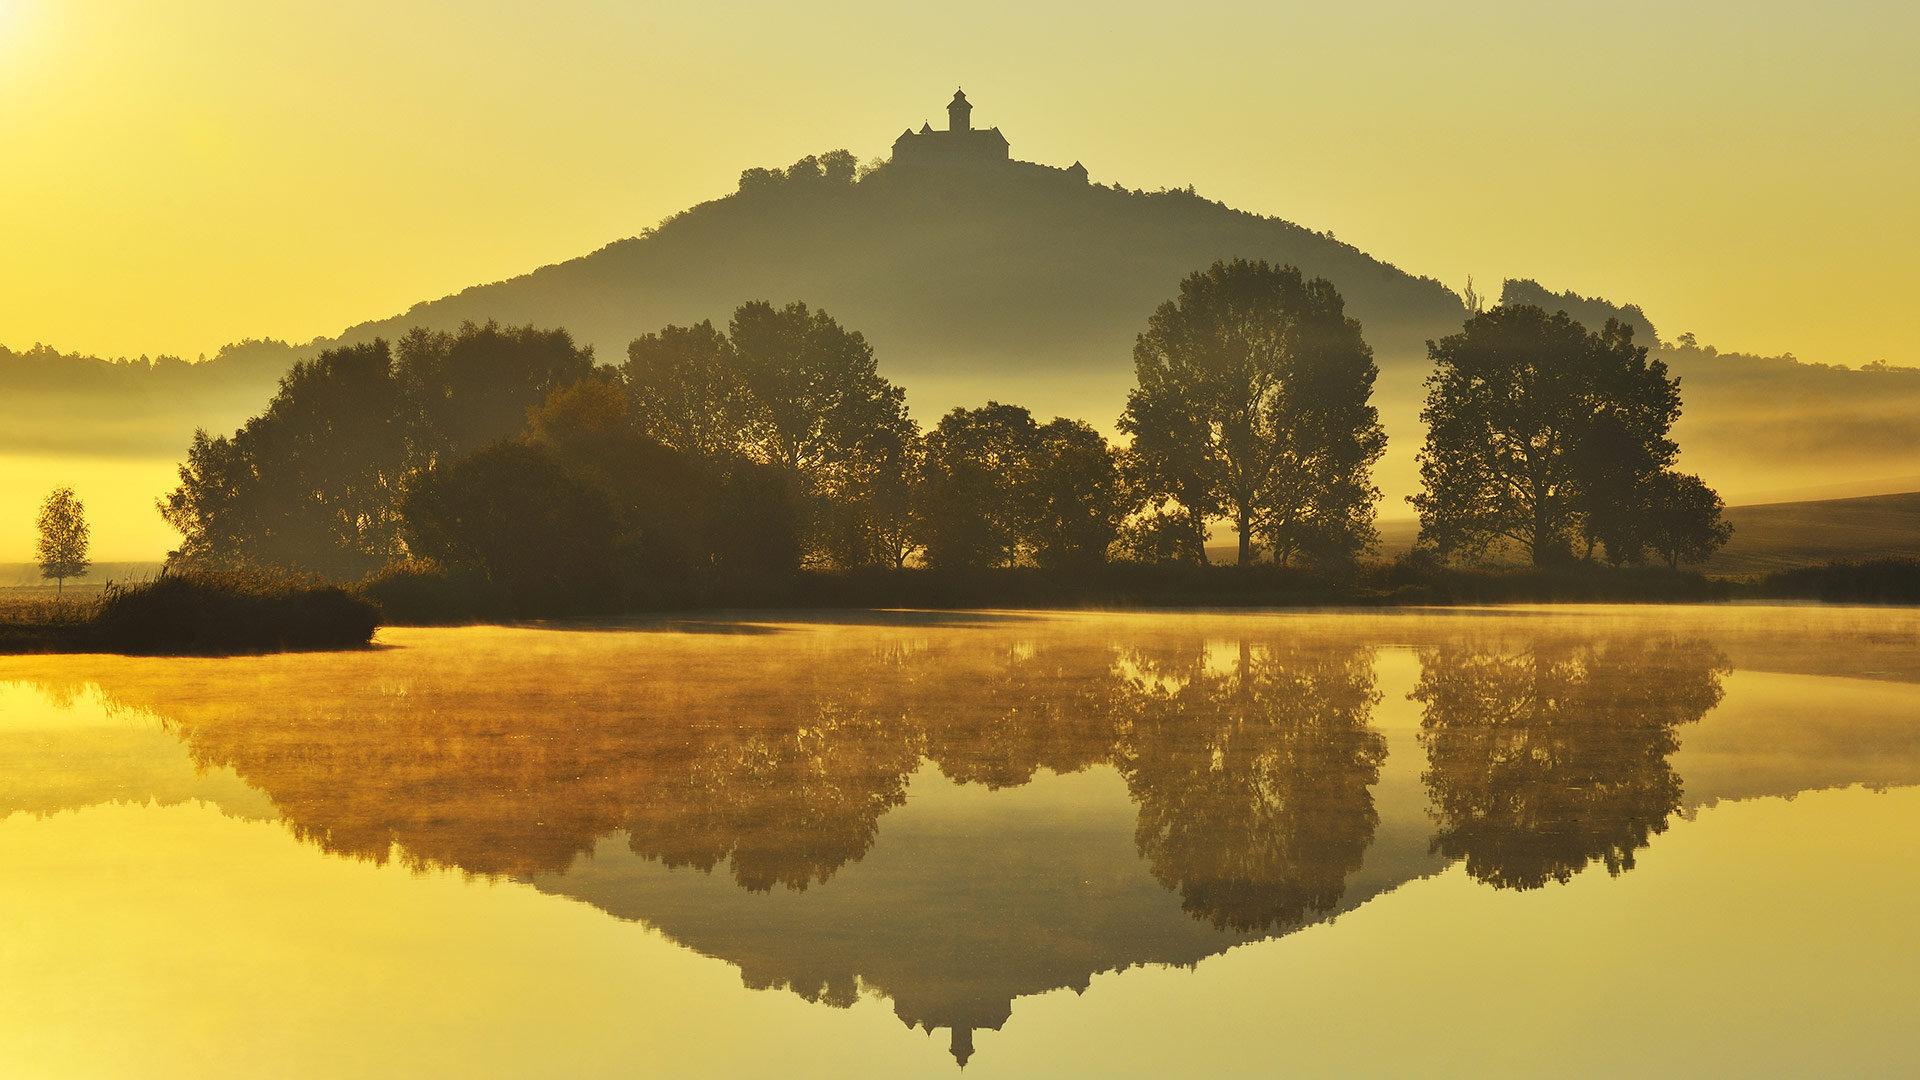 赖格莱兴的Wachsenburg城堡